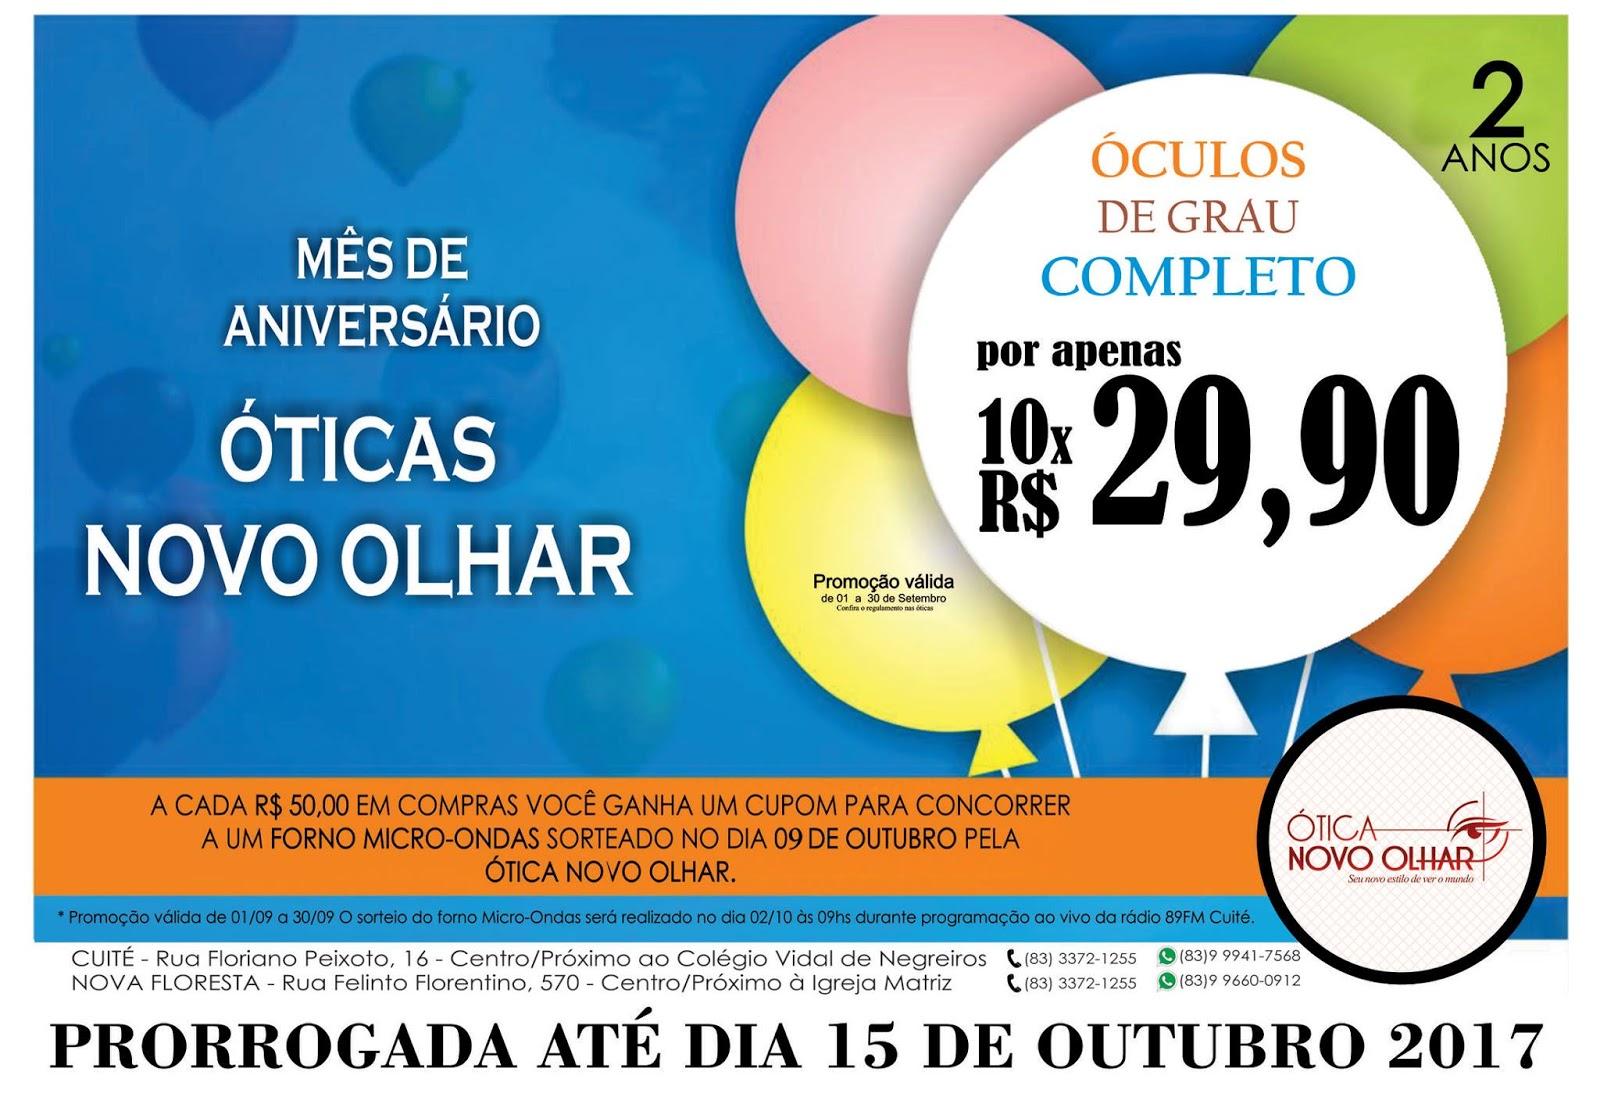 d2d65c74486ea A promoção de aniversário da Ótica Novo Olhar foi prorrogada até o dia 15  de outubro de 2017, você compra o óculos completo por apenas 10x de R   29,90 ou R  ...